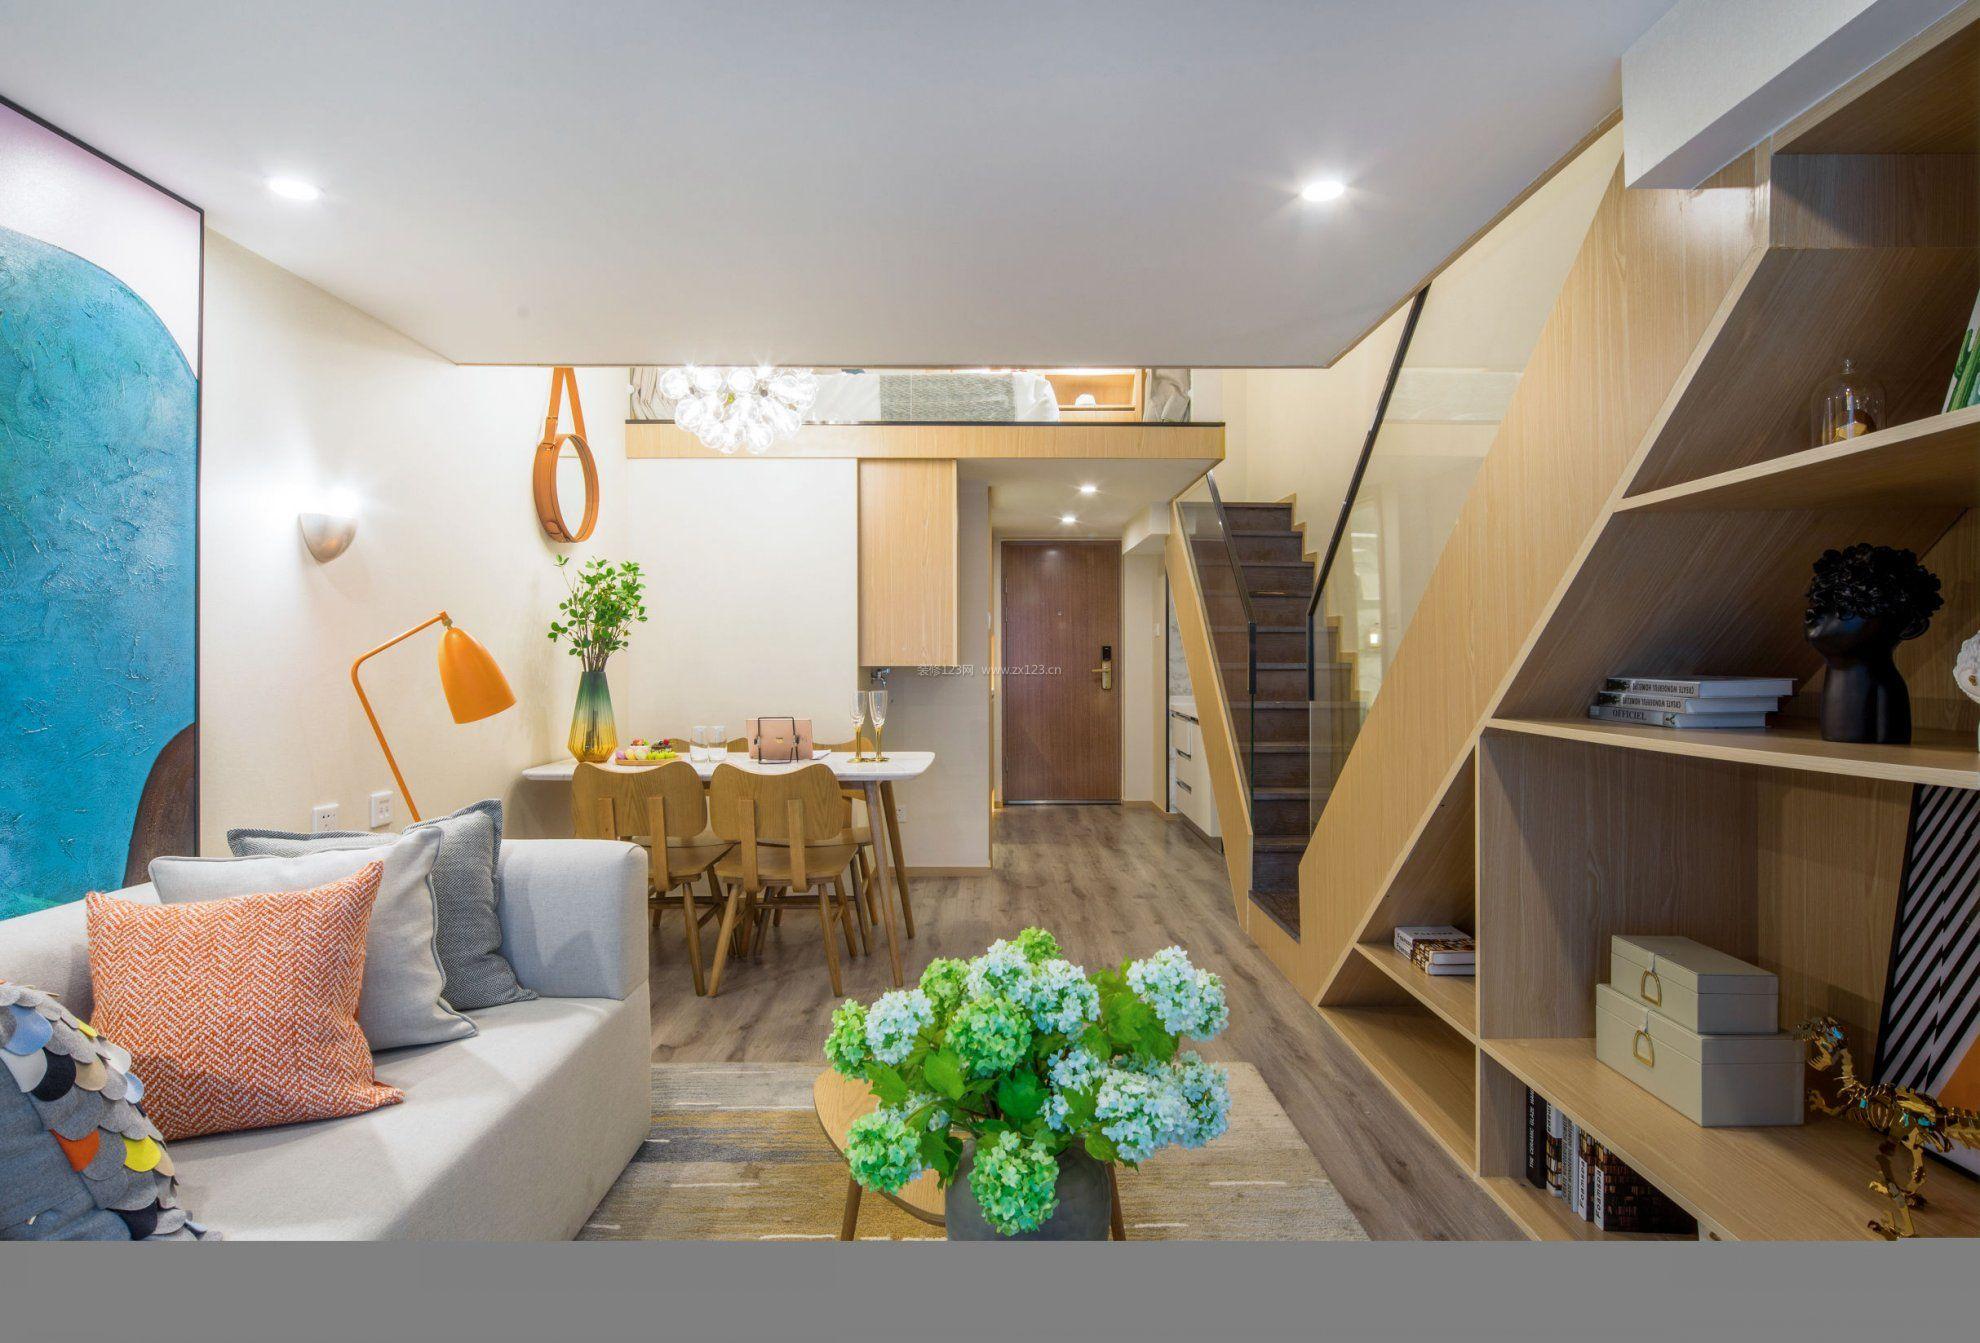 小户型复式单身公寓房屋平面设计图